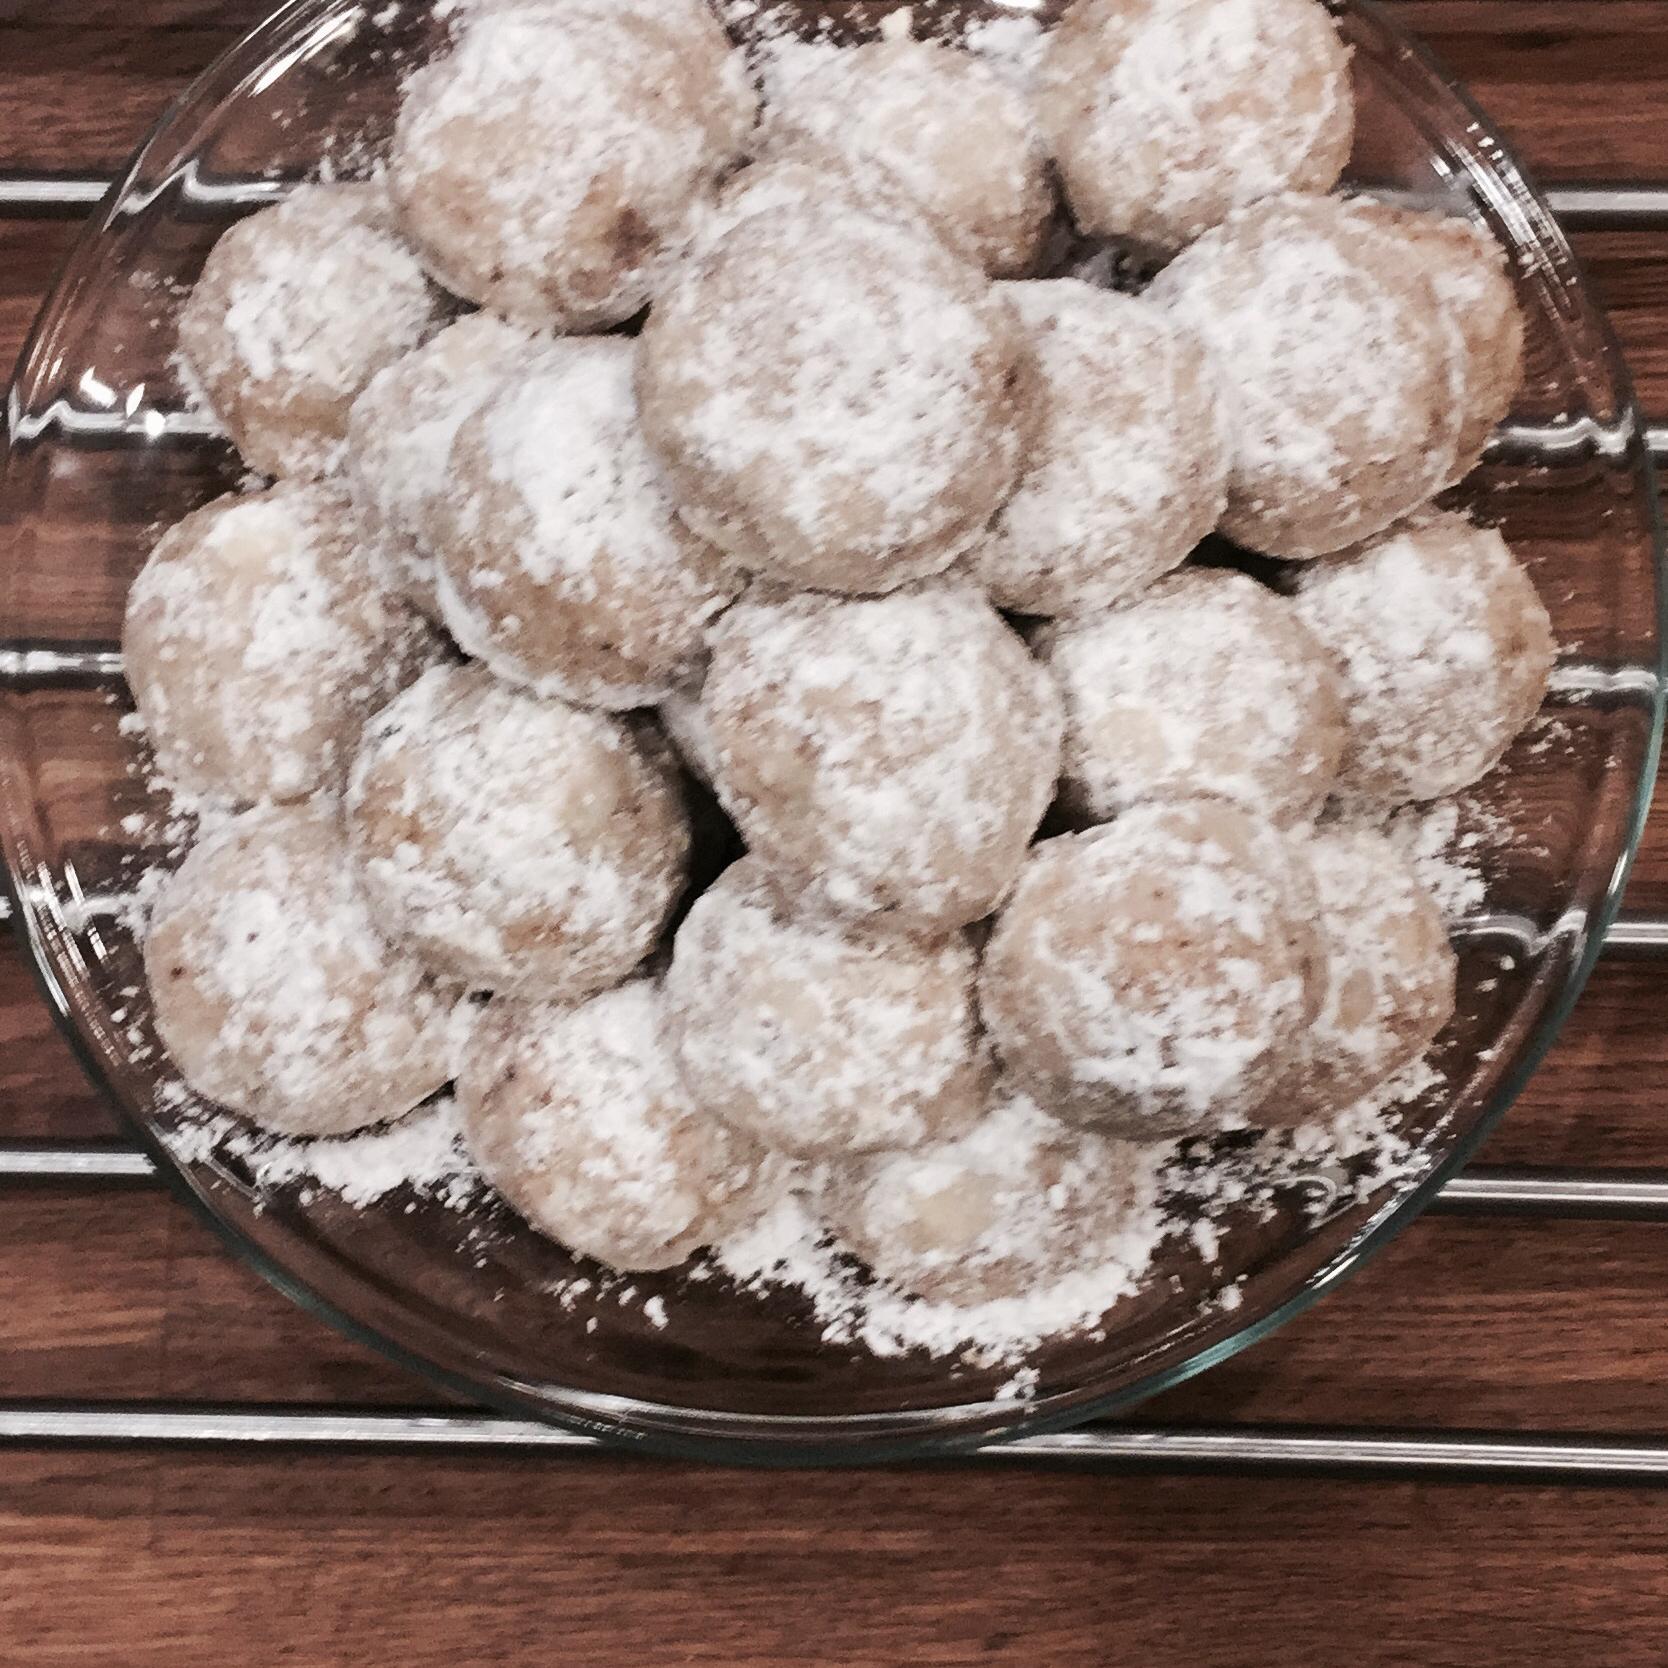 Mexican Wedding Cookies Recipe Allrecipes Com Allrecipes